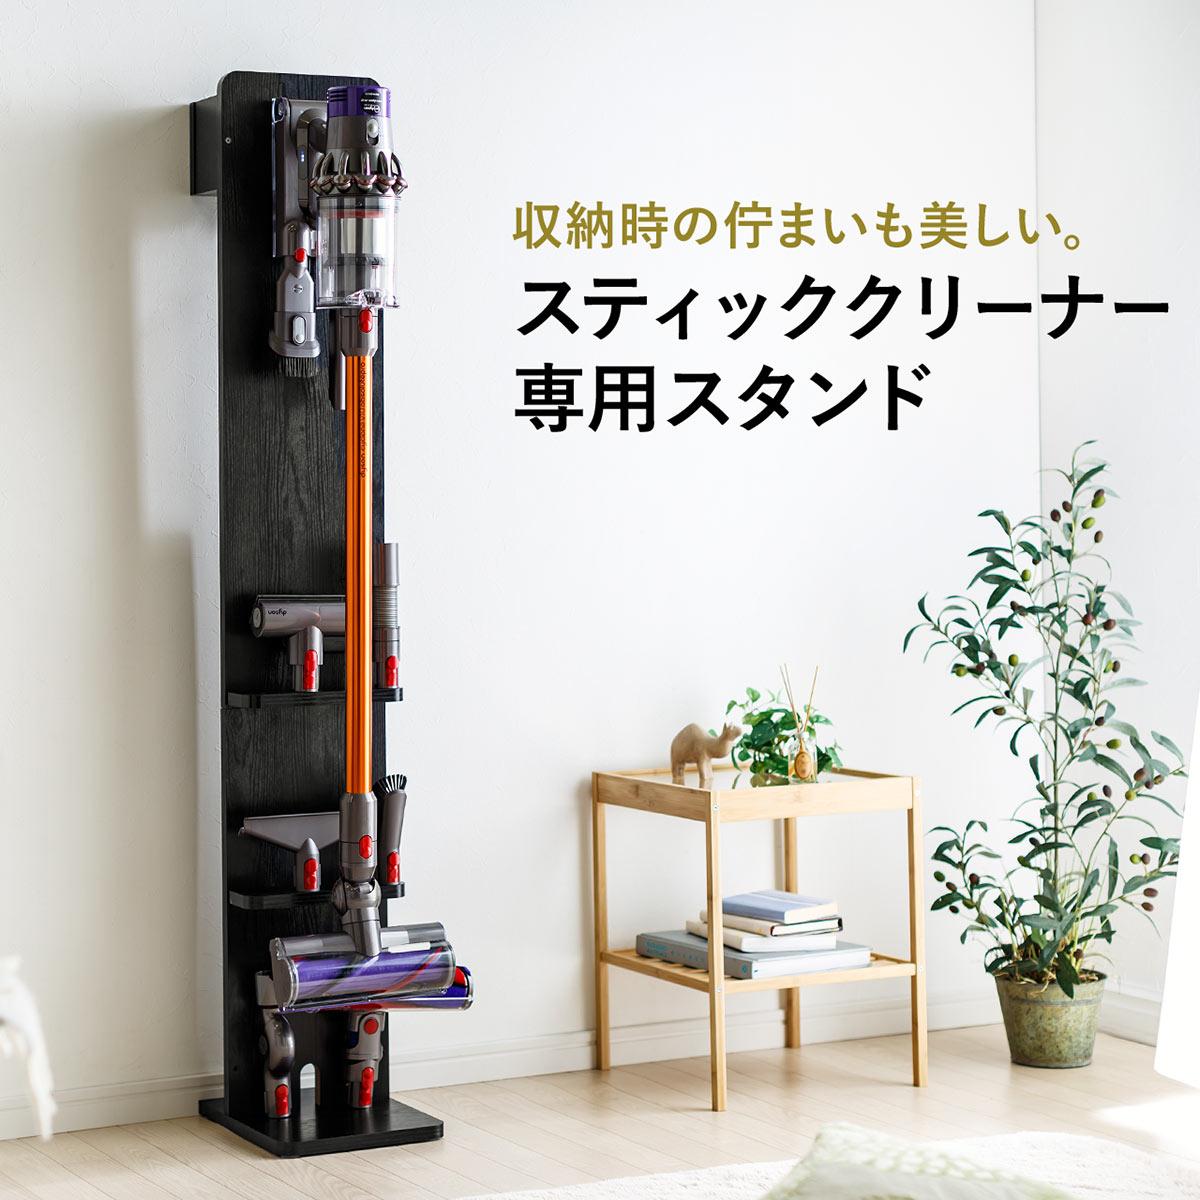 スティッククリーナー スタンド 収納ボックス付き 木目調 ダイソン コードレスクリーナー 壁掛け 収納スタンド ブラック ブラウン ホワイト [200-STAND2]